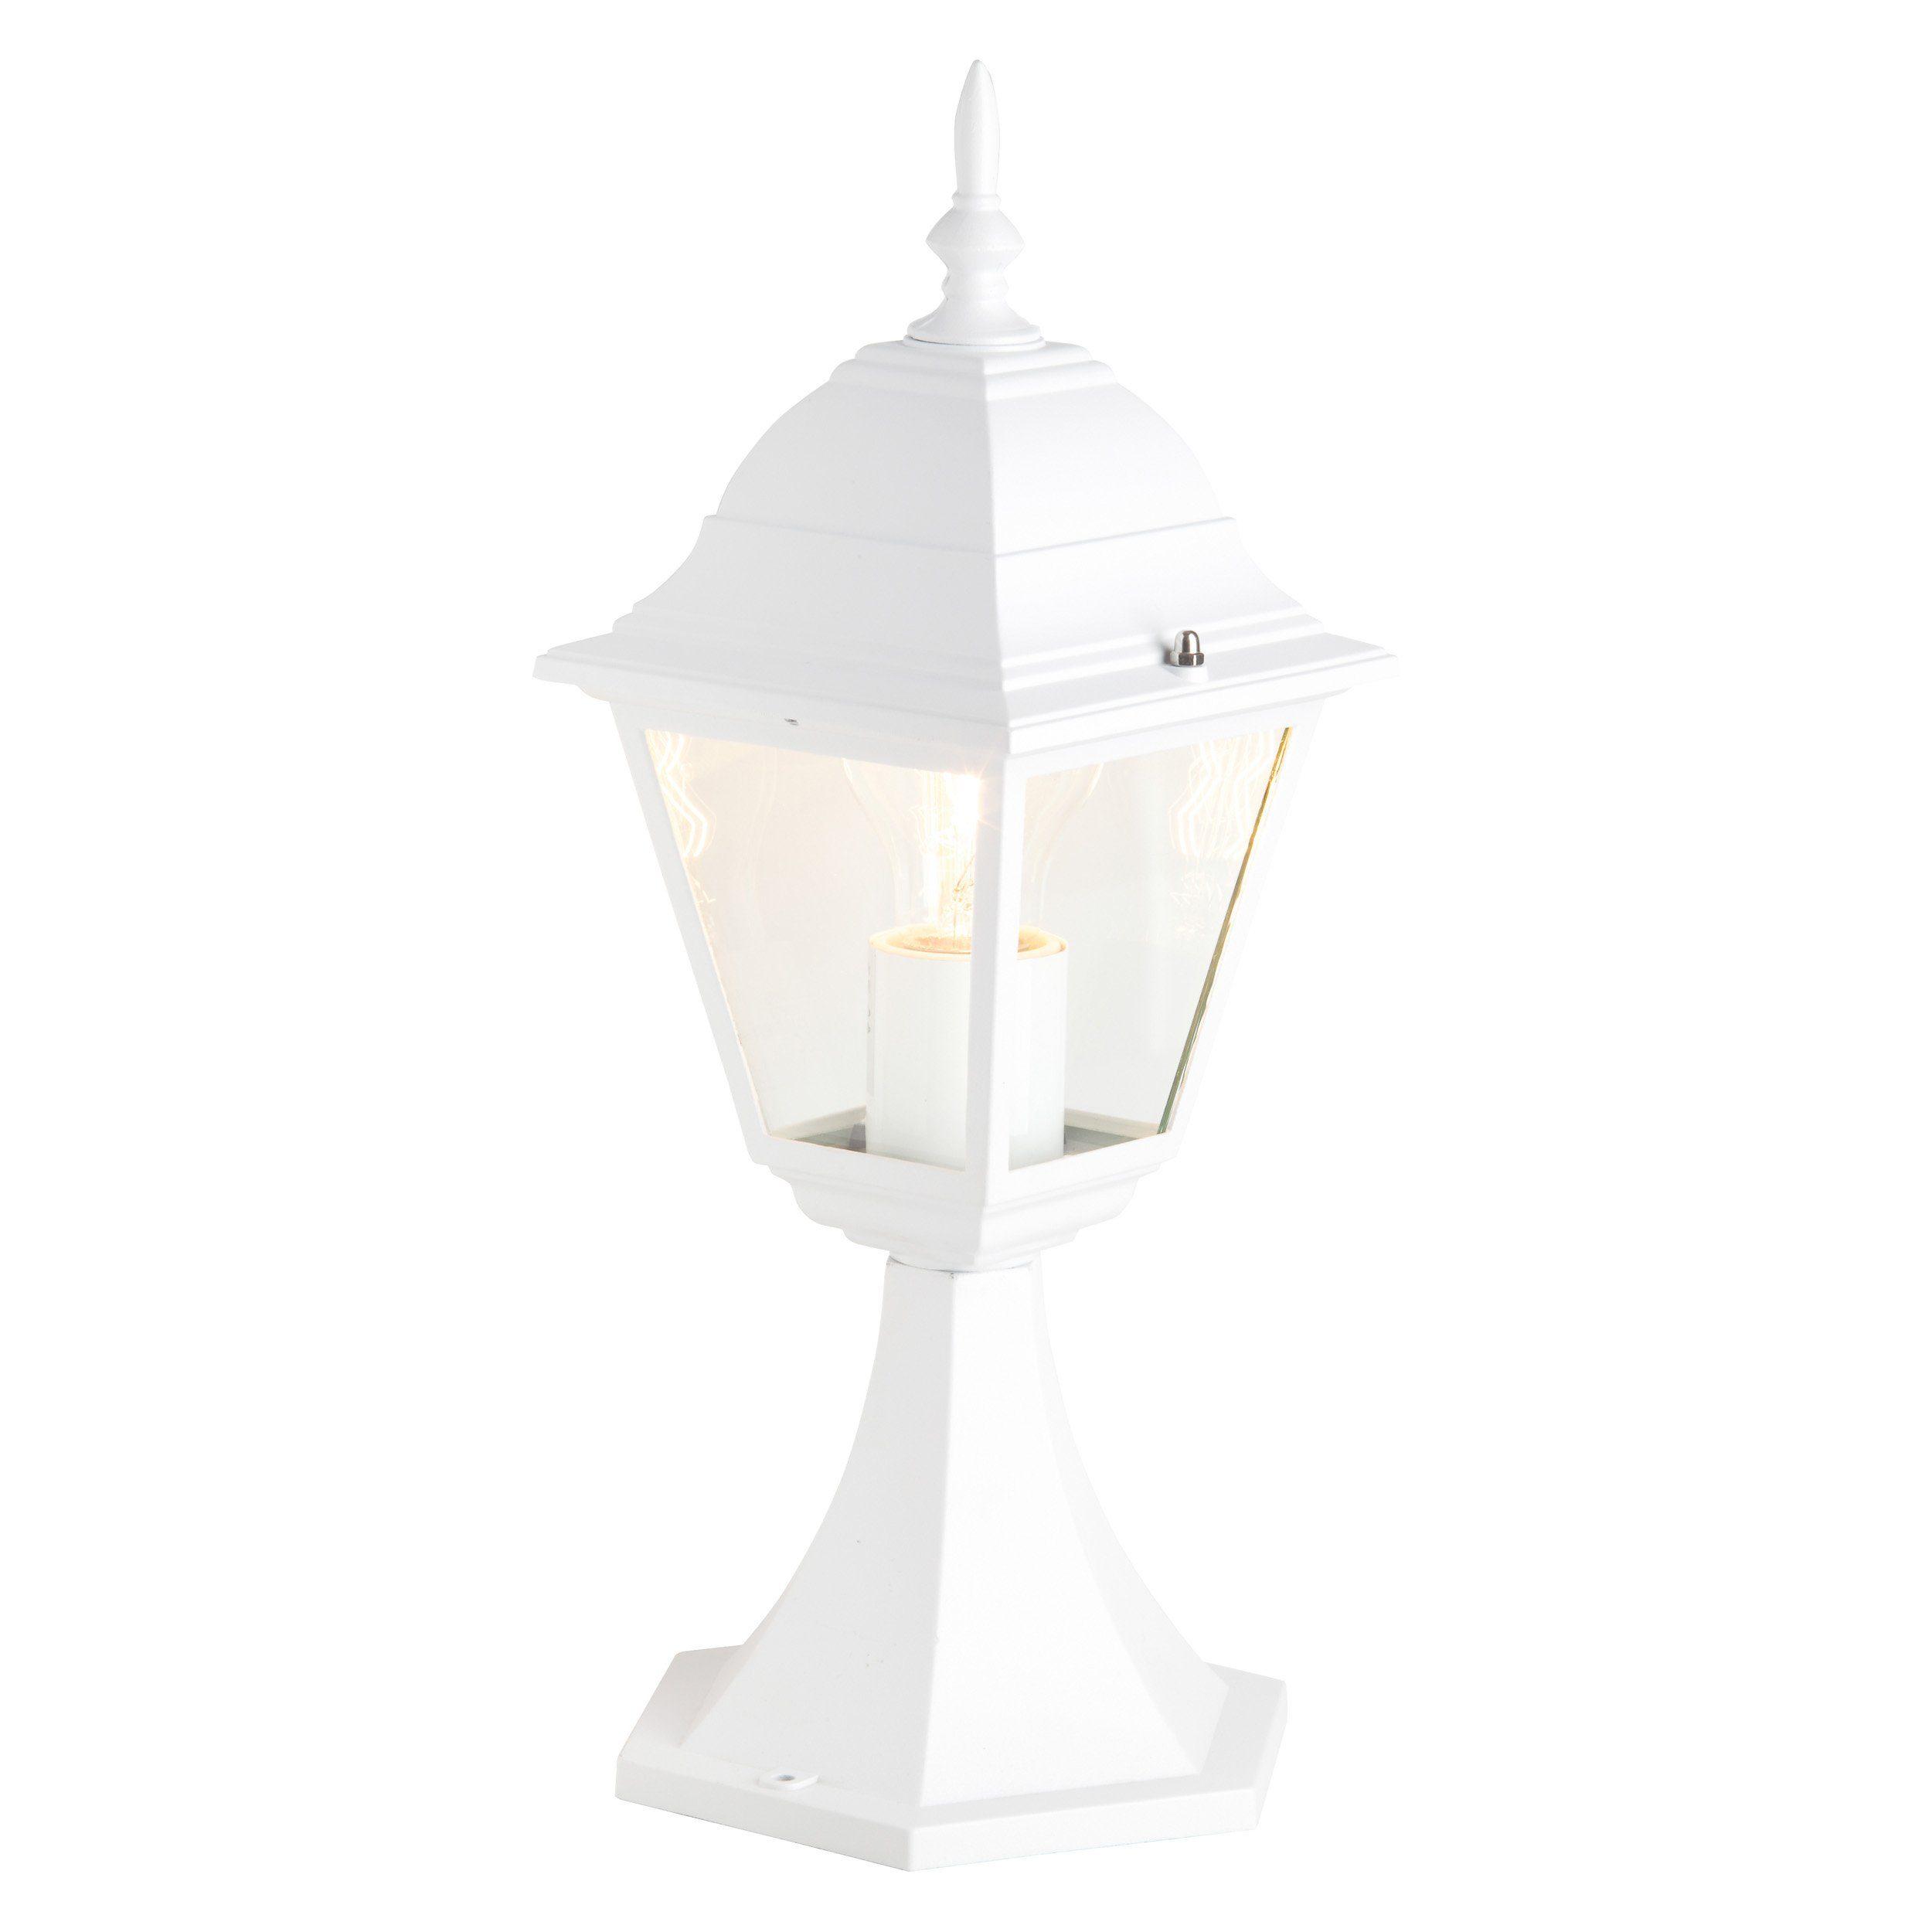 Brilliant Leuchten Newport Außensockelleuchte weiß IP23